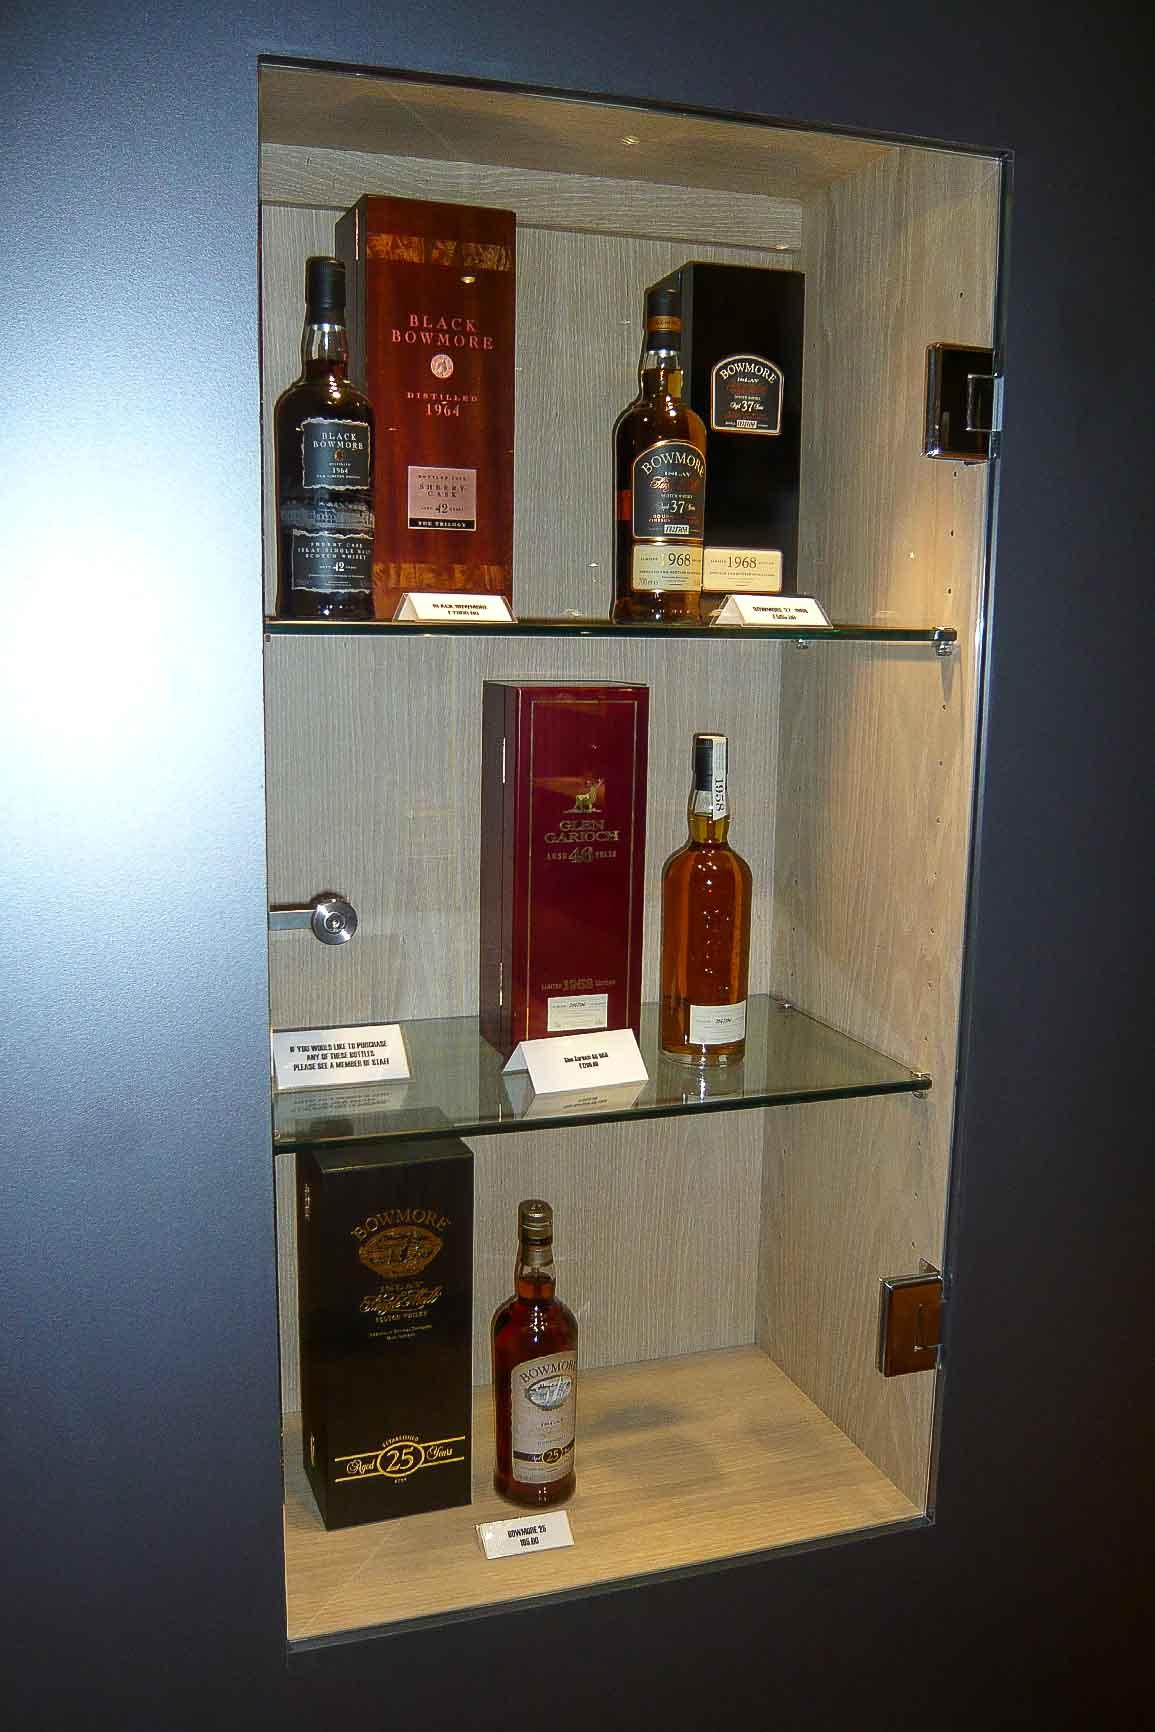 Jack Hyams - Auchentoshan Distilleries Furniture